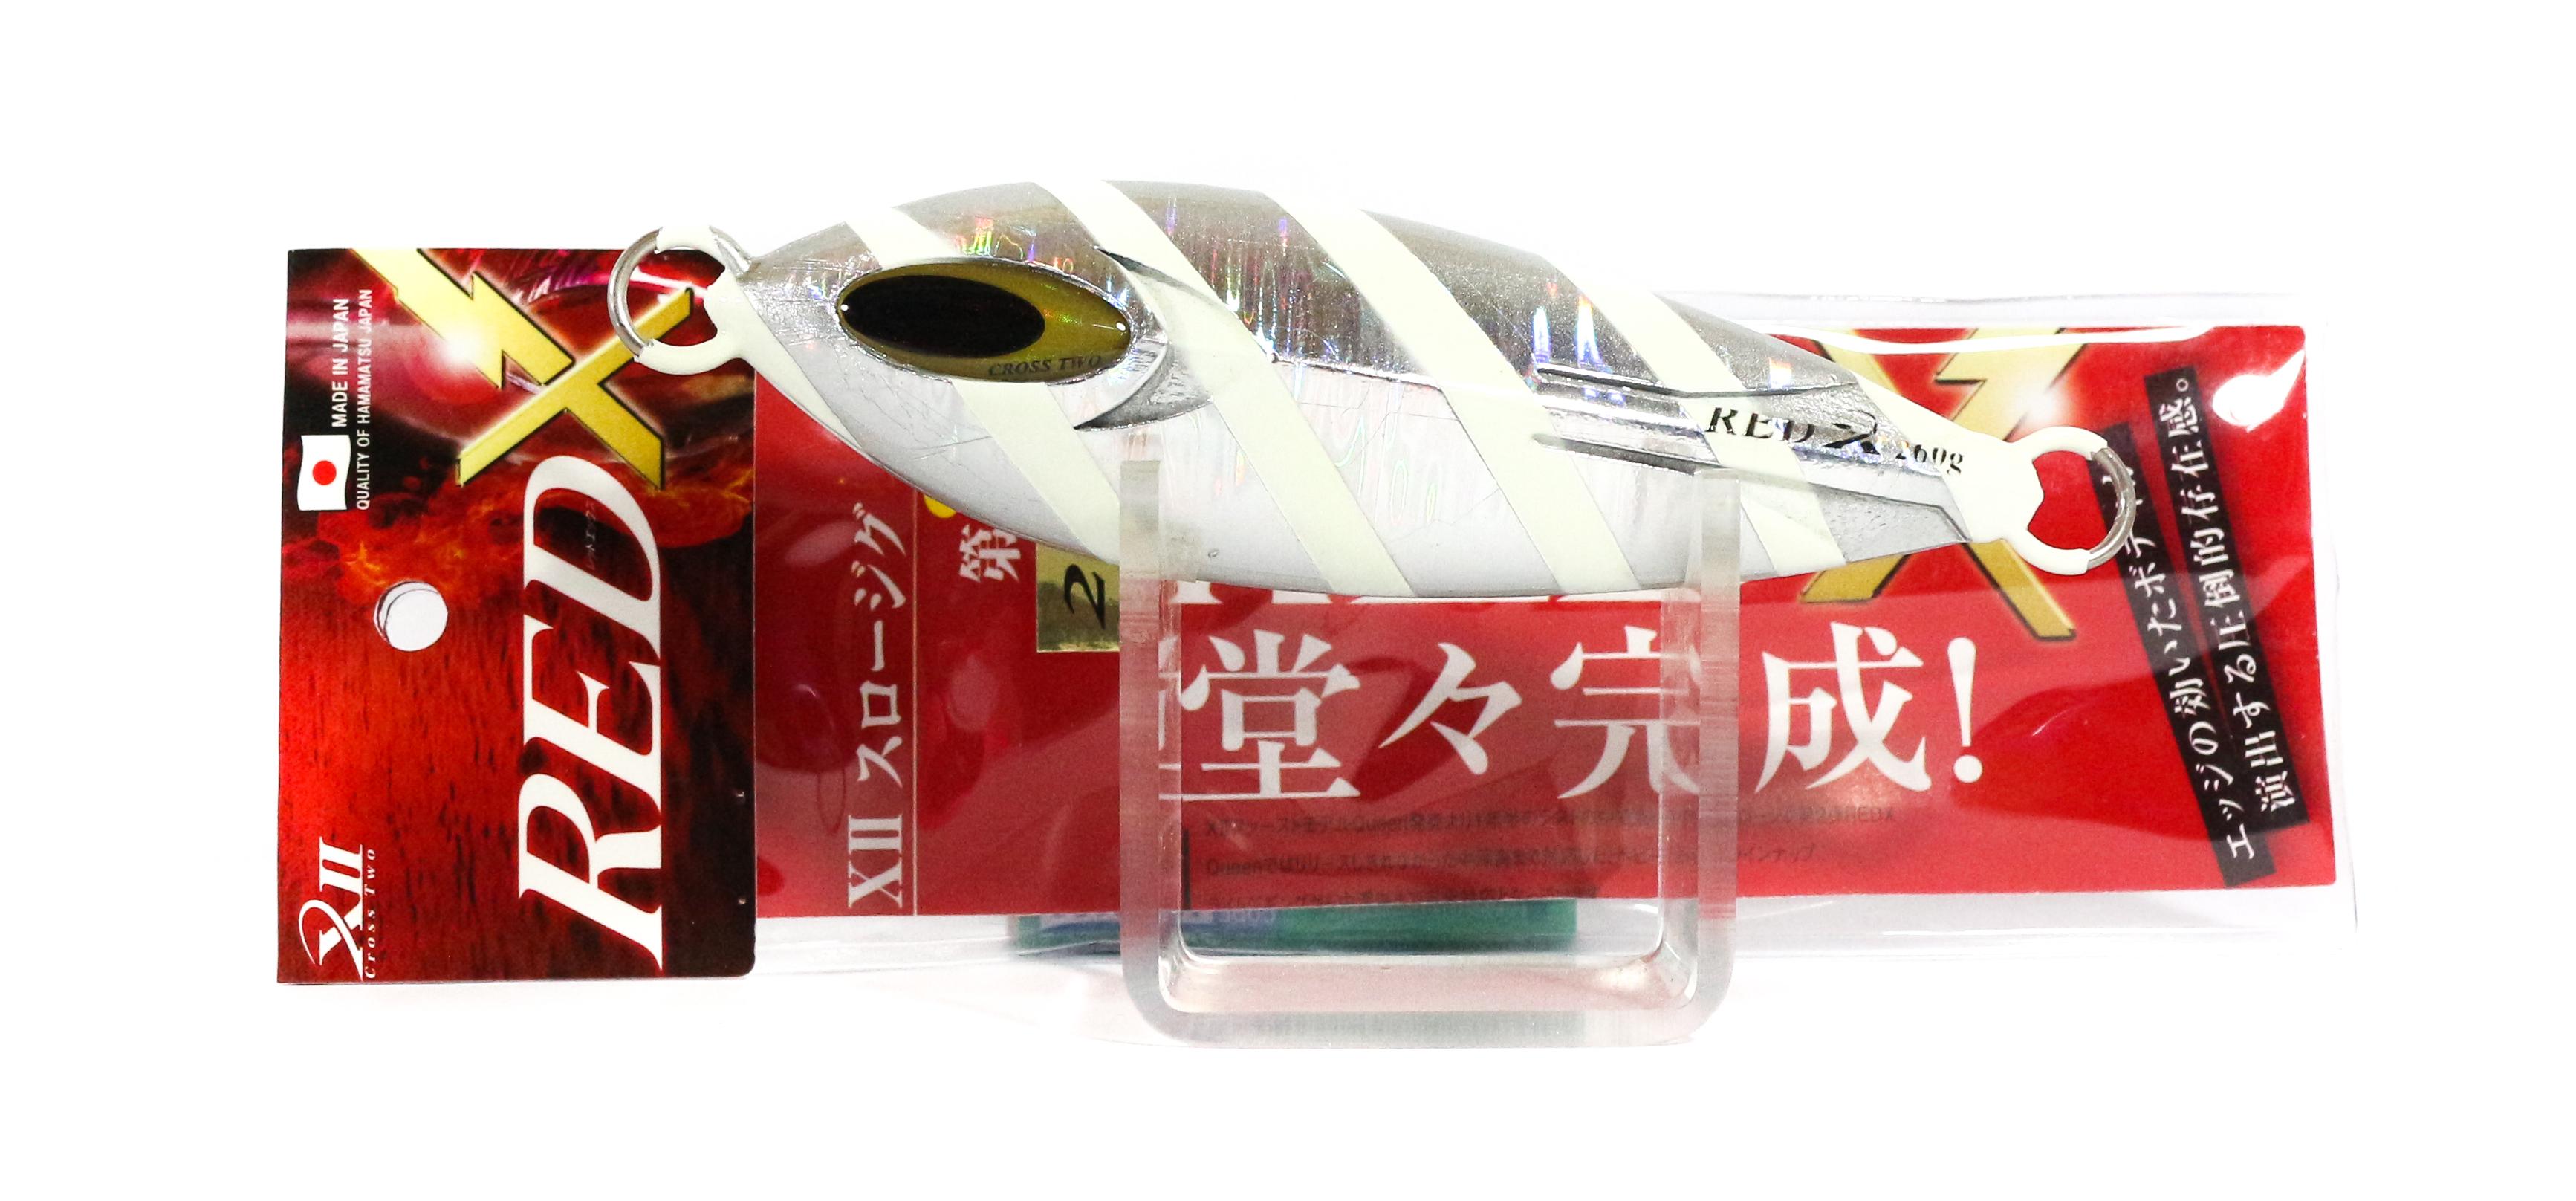 Sale Cross 2 Metal Jig Red X Slow 200 grams Silver Zebra Glow (0207)